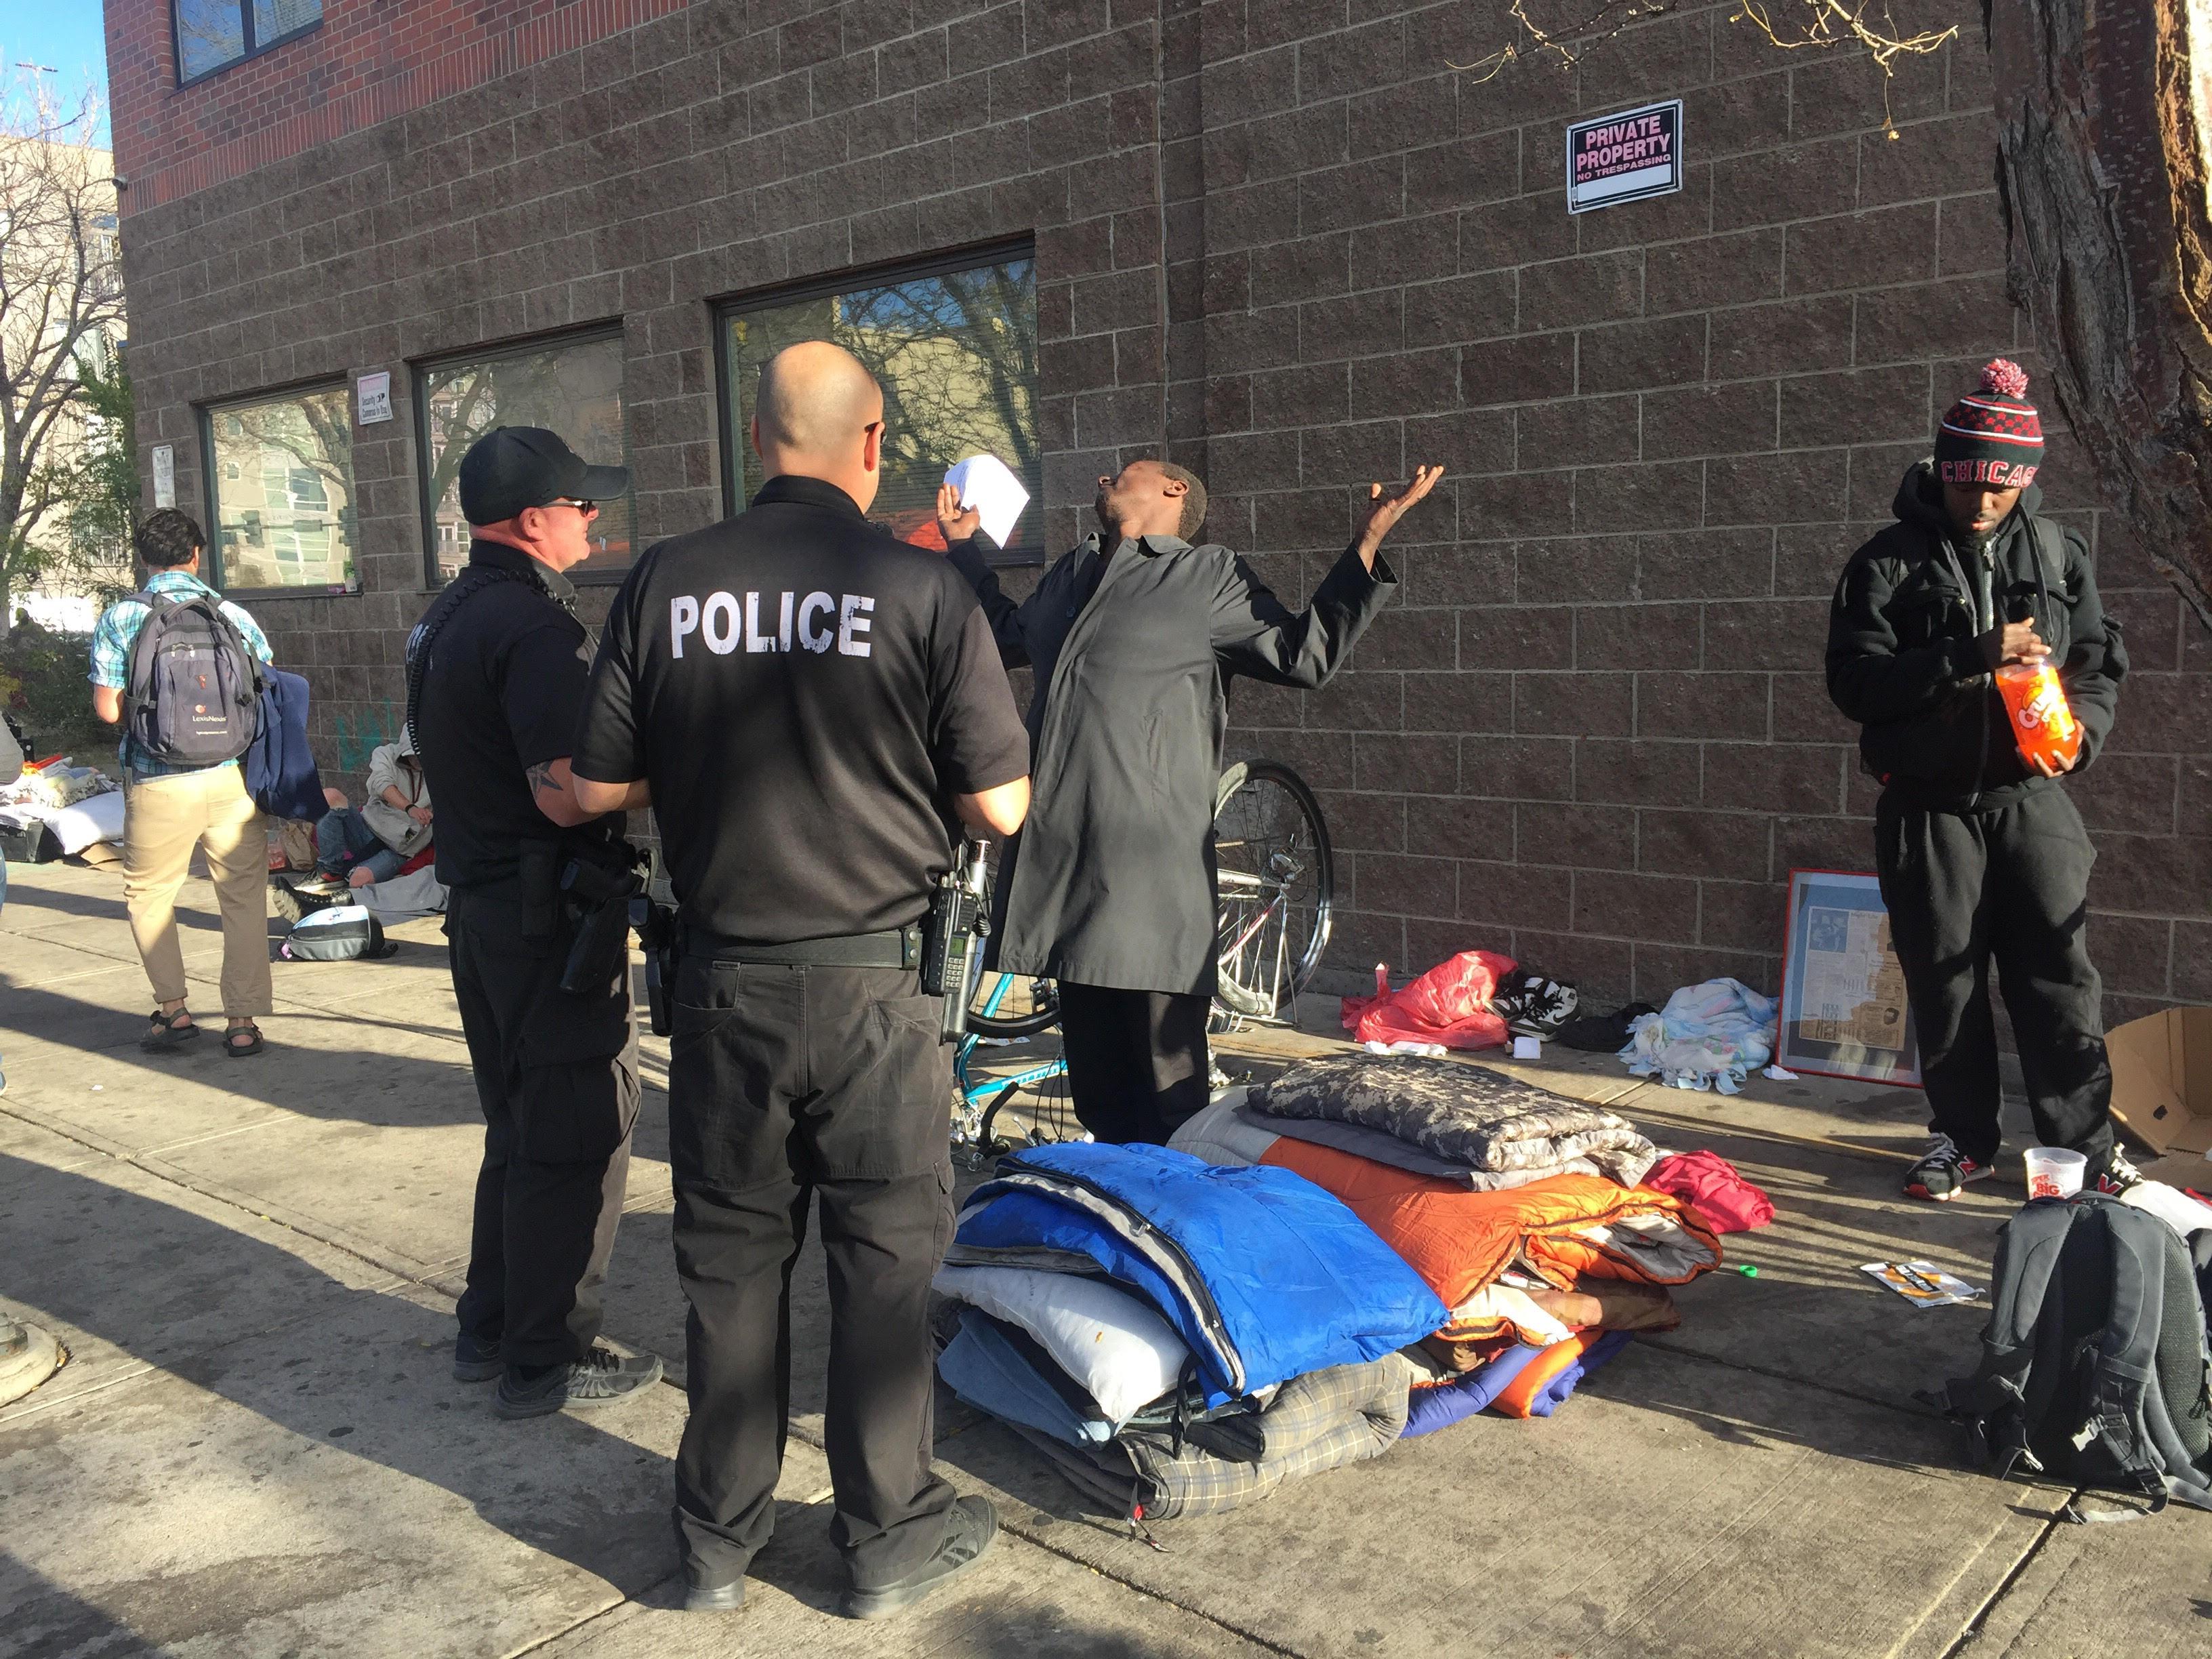 Denver barrido policía campamentos de personas sin hogar